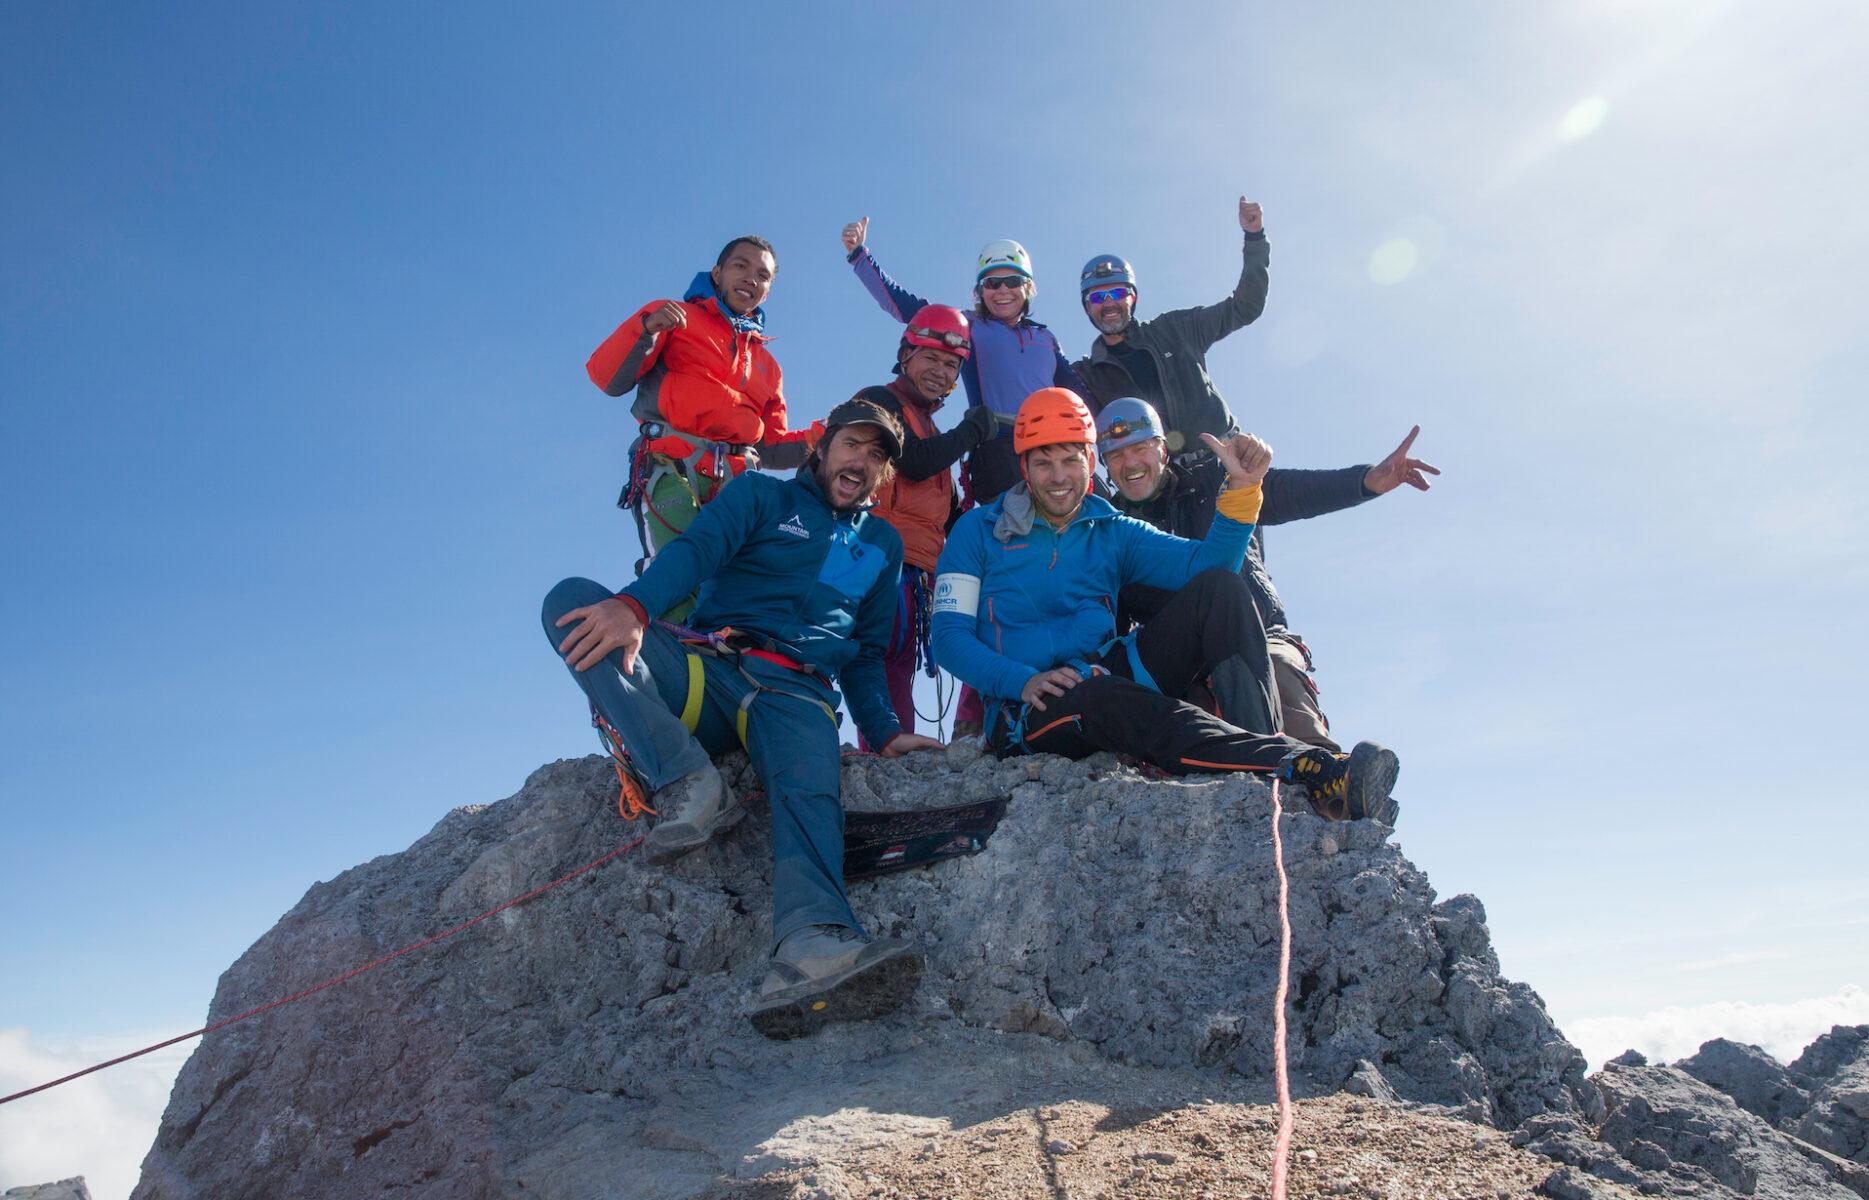 Carstensz Pyramid climb